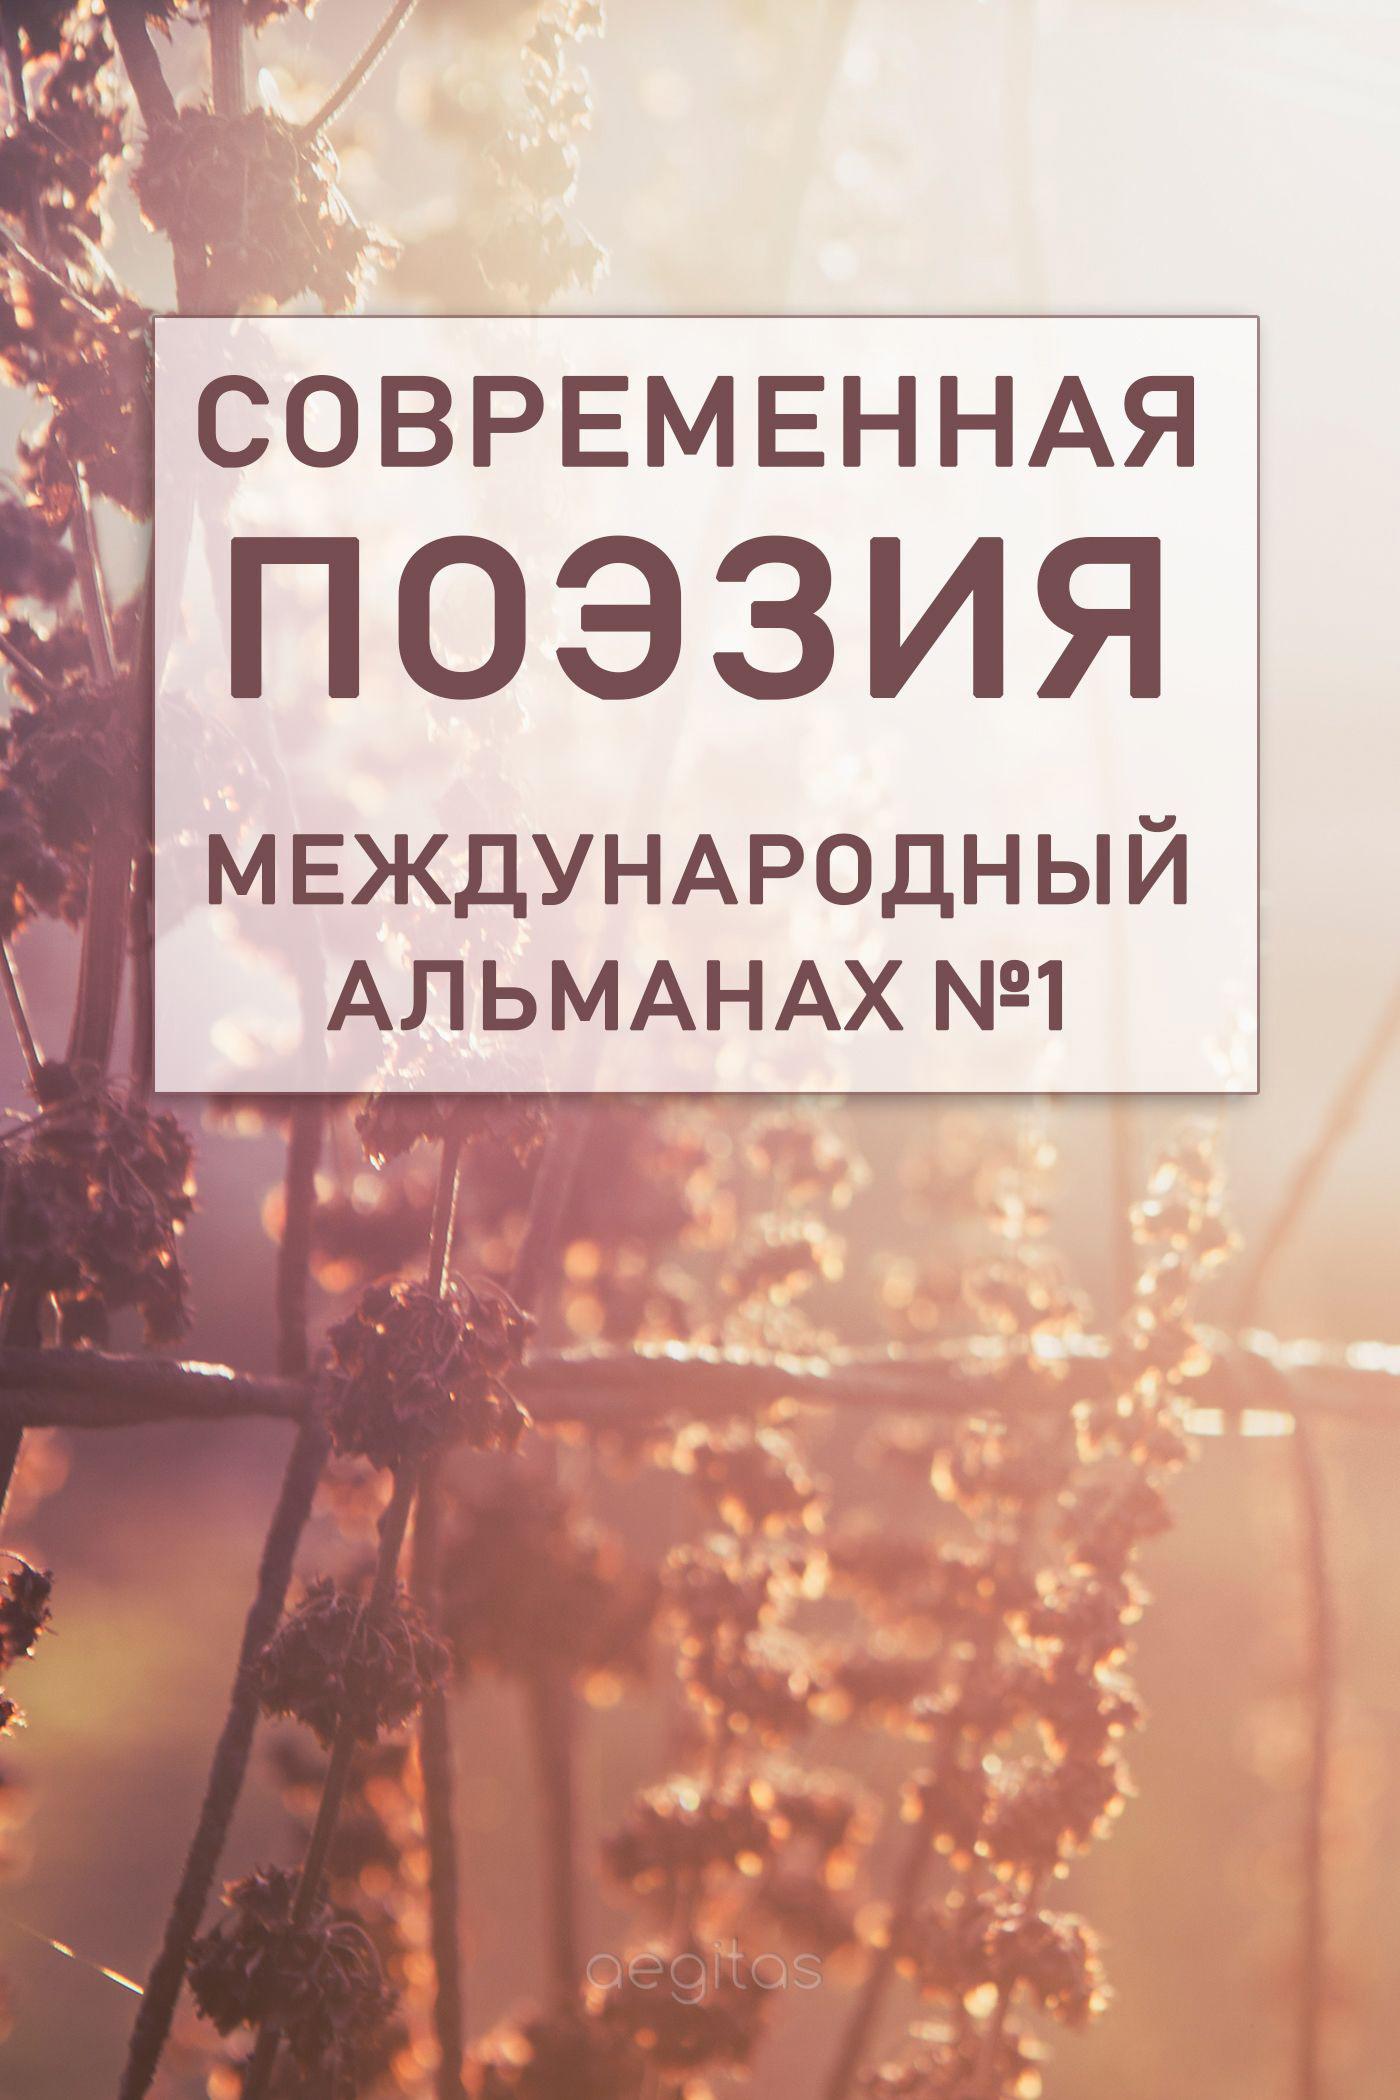 Коллектив авторов Современная поэзия. Международный альманах №1 захарова грибельная ольга лирическая тетрадь сборник стихов